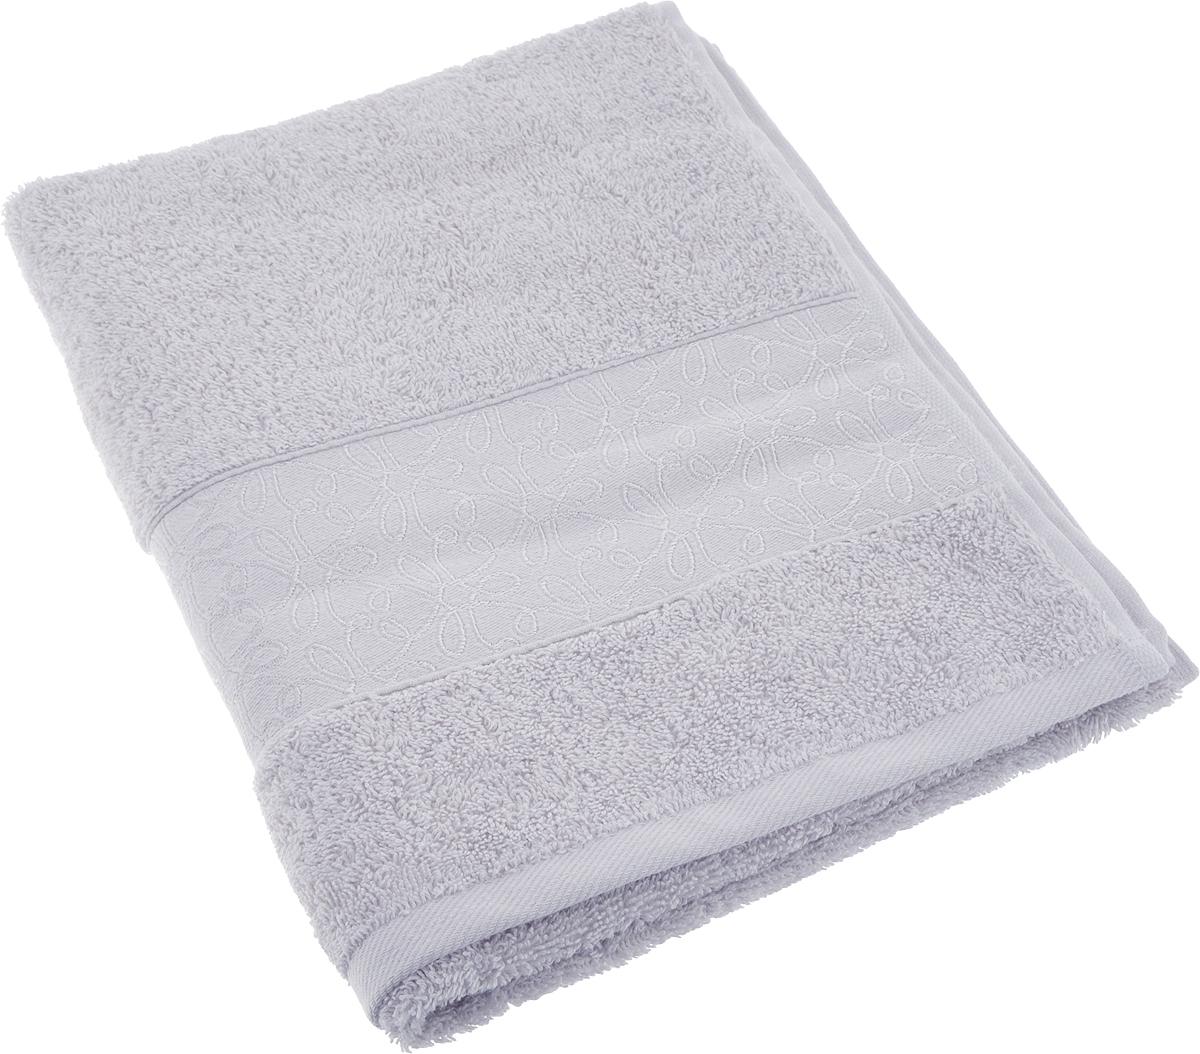 Полотенце махровое Issimo Home Perin, цвет: серый, 50 х 90 см00000005490Прекрасное полотенце Issimo Home Perin выполнено из натуральной махровой ткани (100%хлопок). Изделие отлично впитывает влагу, быстро сохнет и не теряет форму даже послемногократных стирок. Рекомендации по уходу: - режим стирки при 40°C, - допускается обычная химчистка, - отбеливание запрещено, - глажка при температуре подошвы утюга до 110°С, - барабанный отжим запрещен. Размер полотенца: 50 x 90 см.